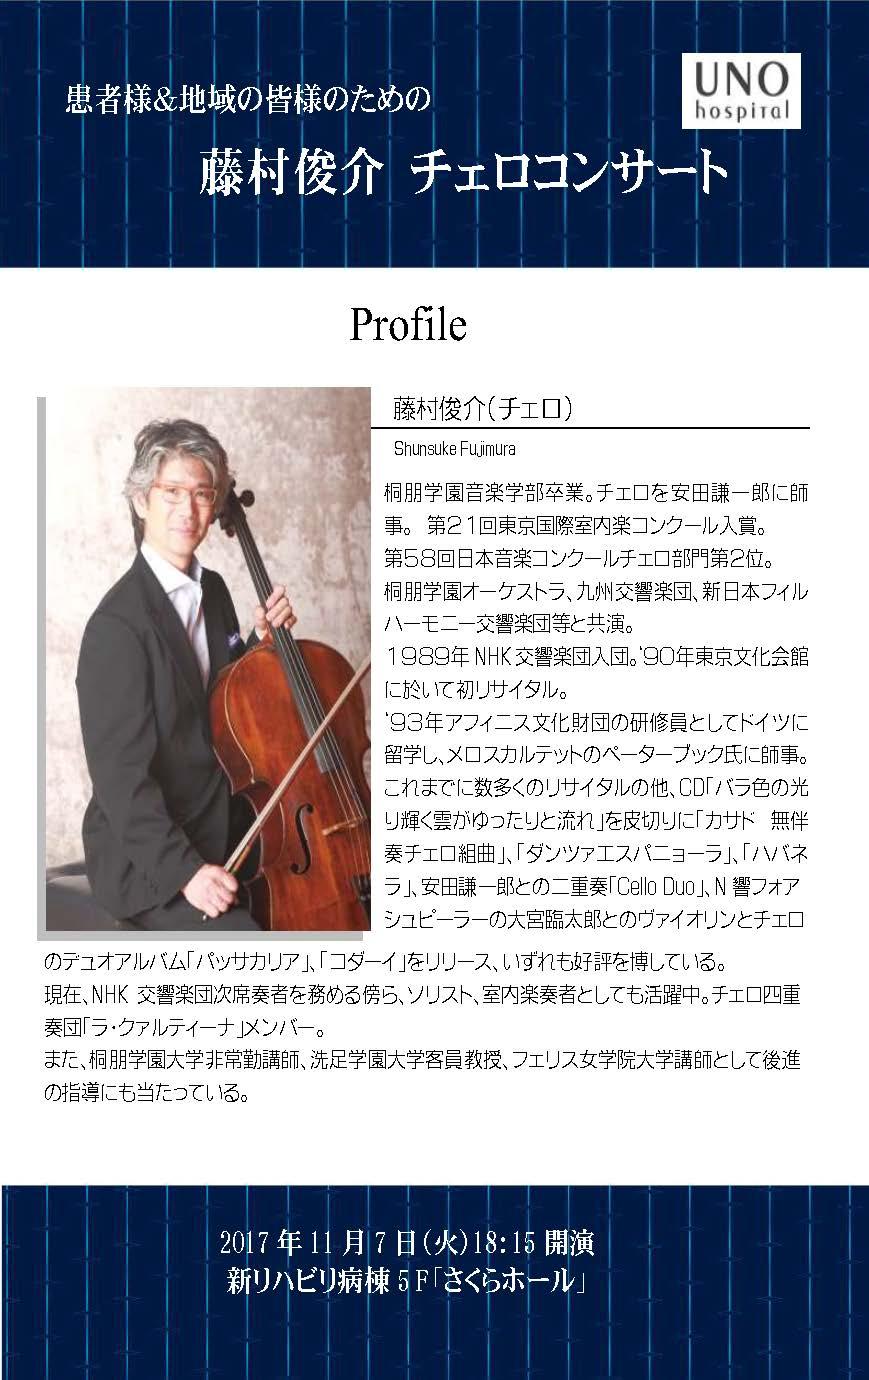 H29.11.7.藤村俊介 チェロコンサート ページ 1